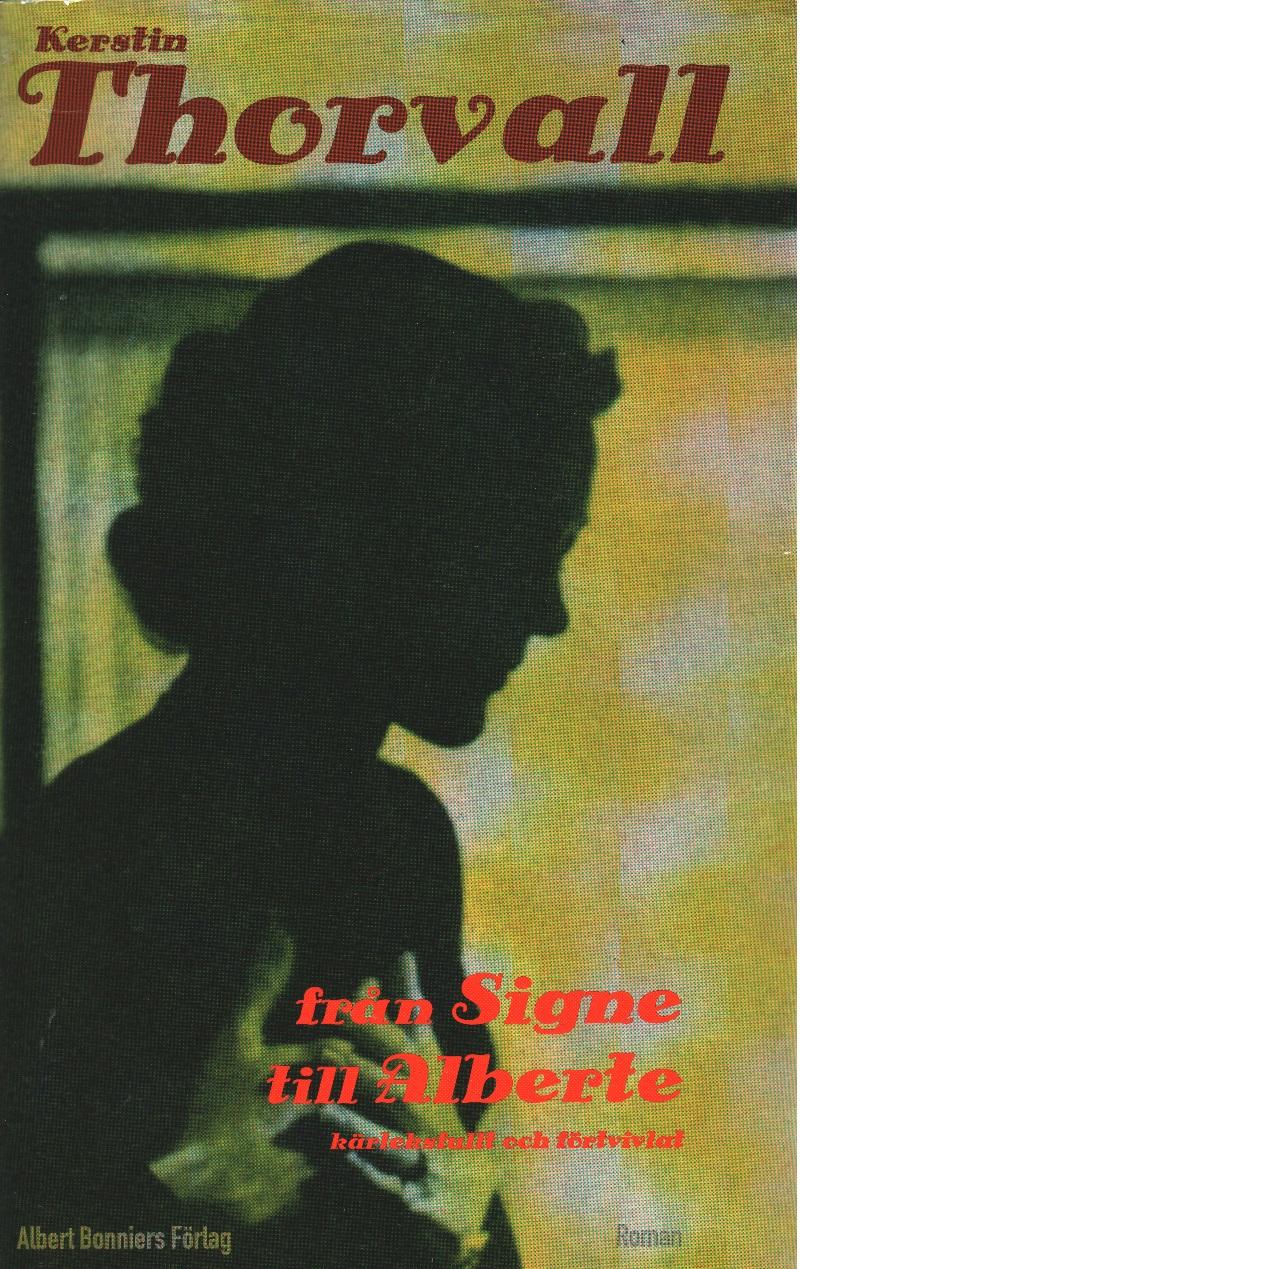 Från Signe till Alberte : kärleksfullt och förtvivlat : spegelroman - Thorvall, Kerstin